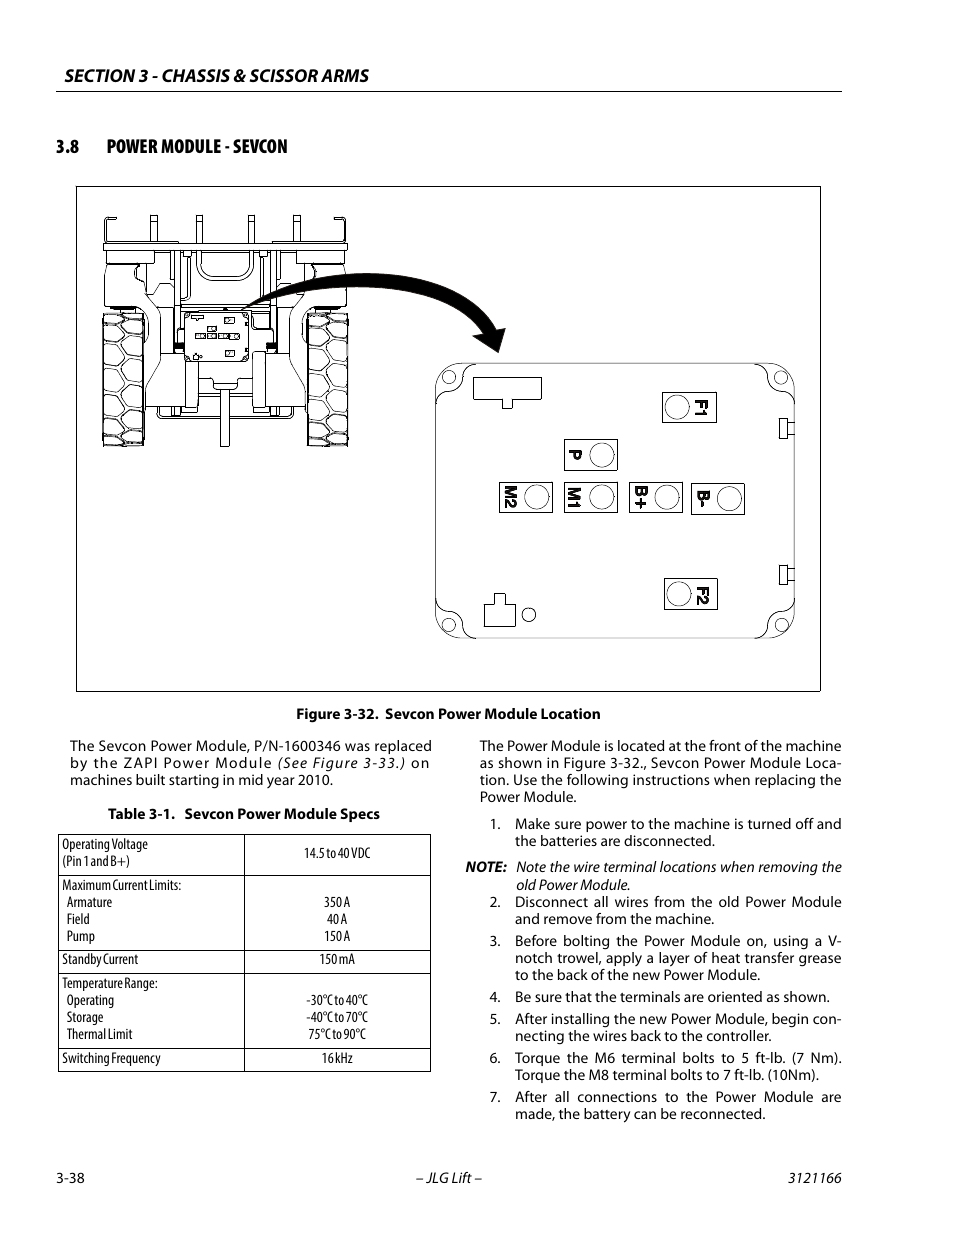 8 Power Module - Sevcon  Sevcon Power Module Specs